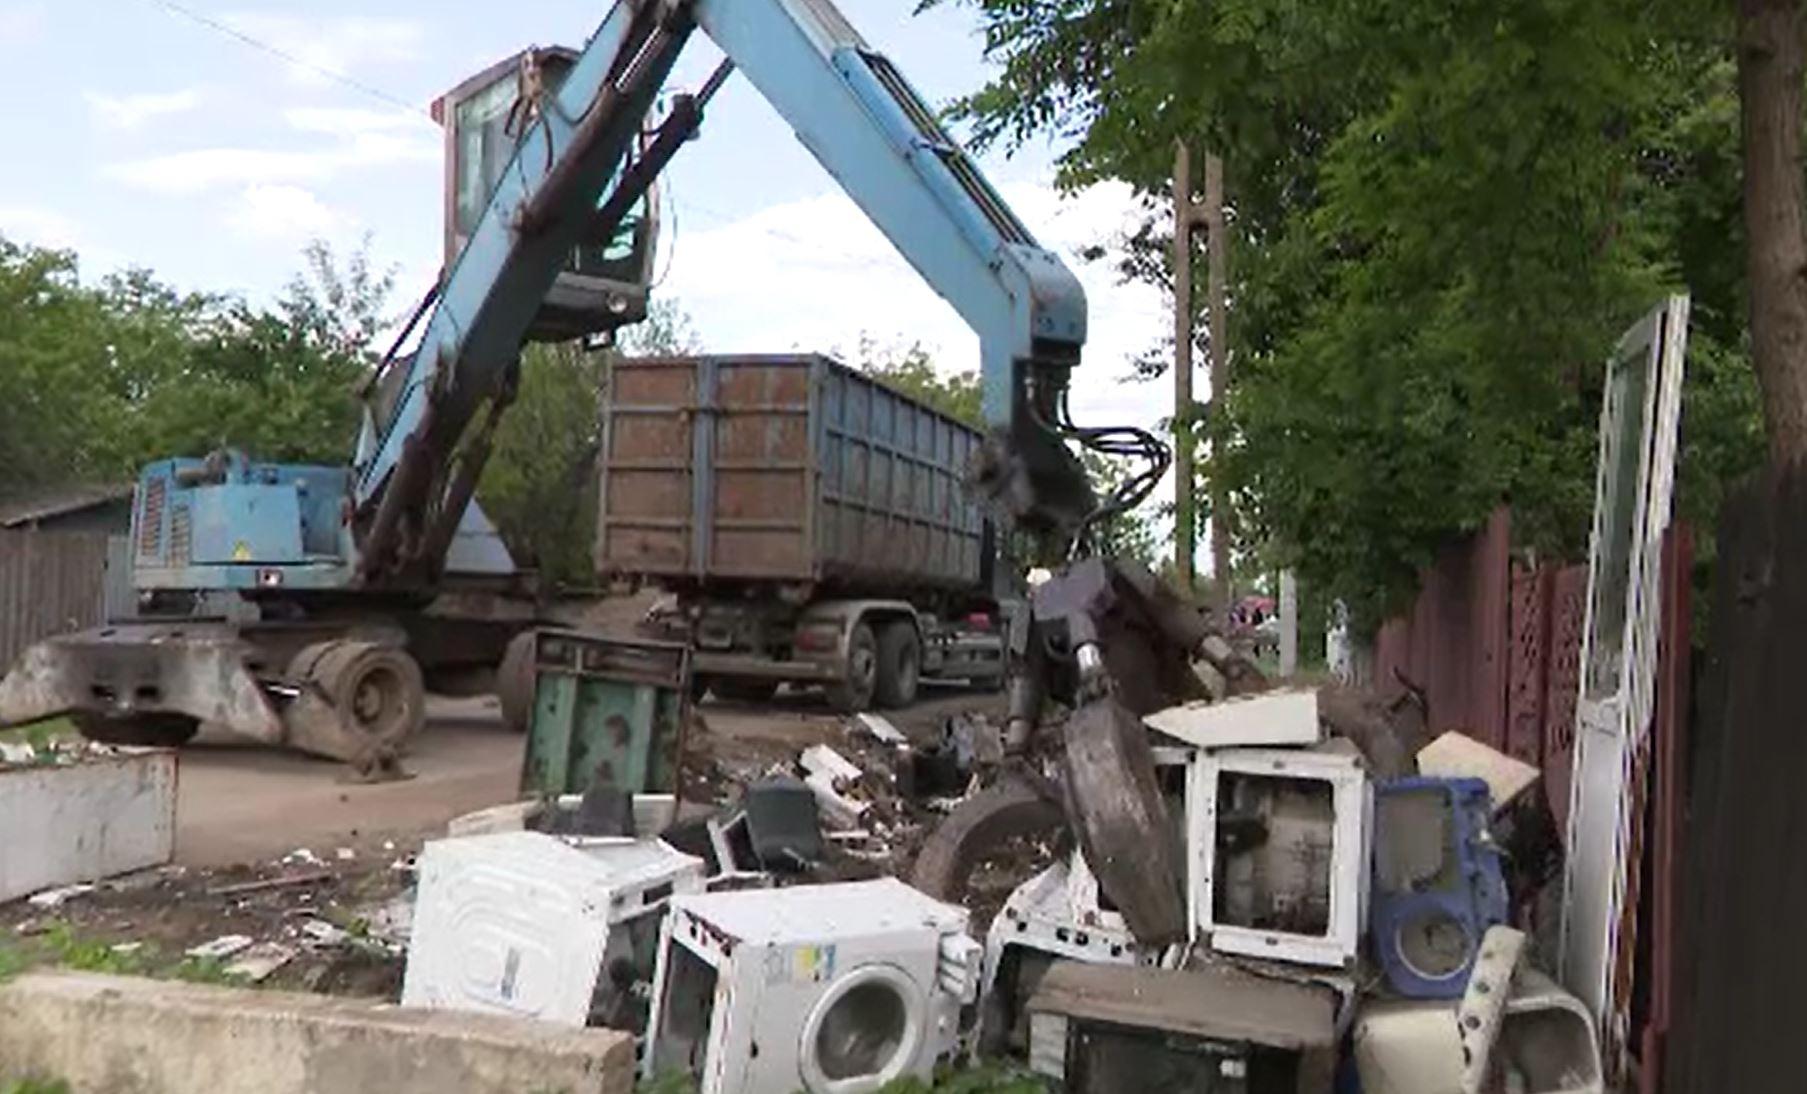 Cum se obțin bani din gunoaie în România. Tone de deșeuri, arse ilegal pentru a obține cupru